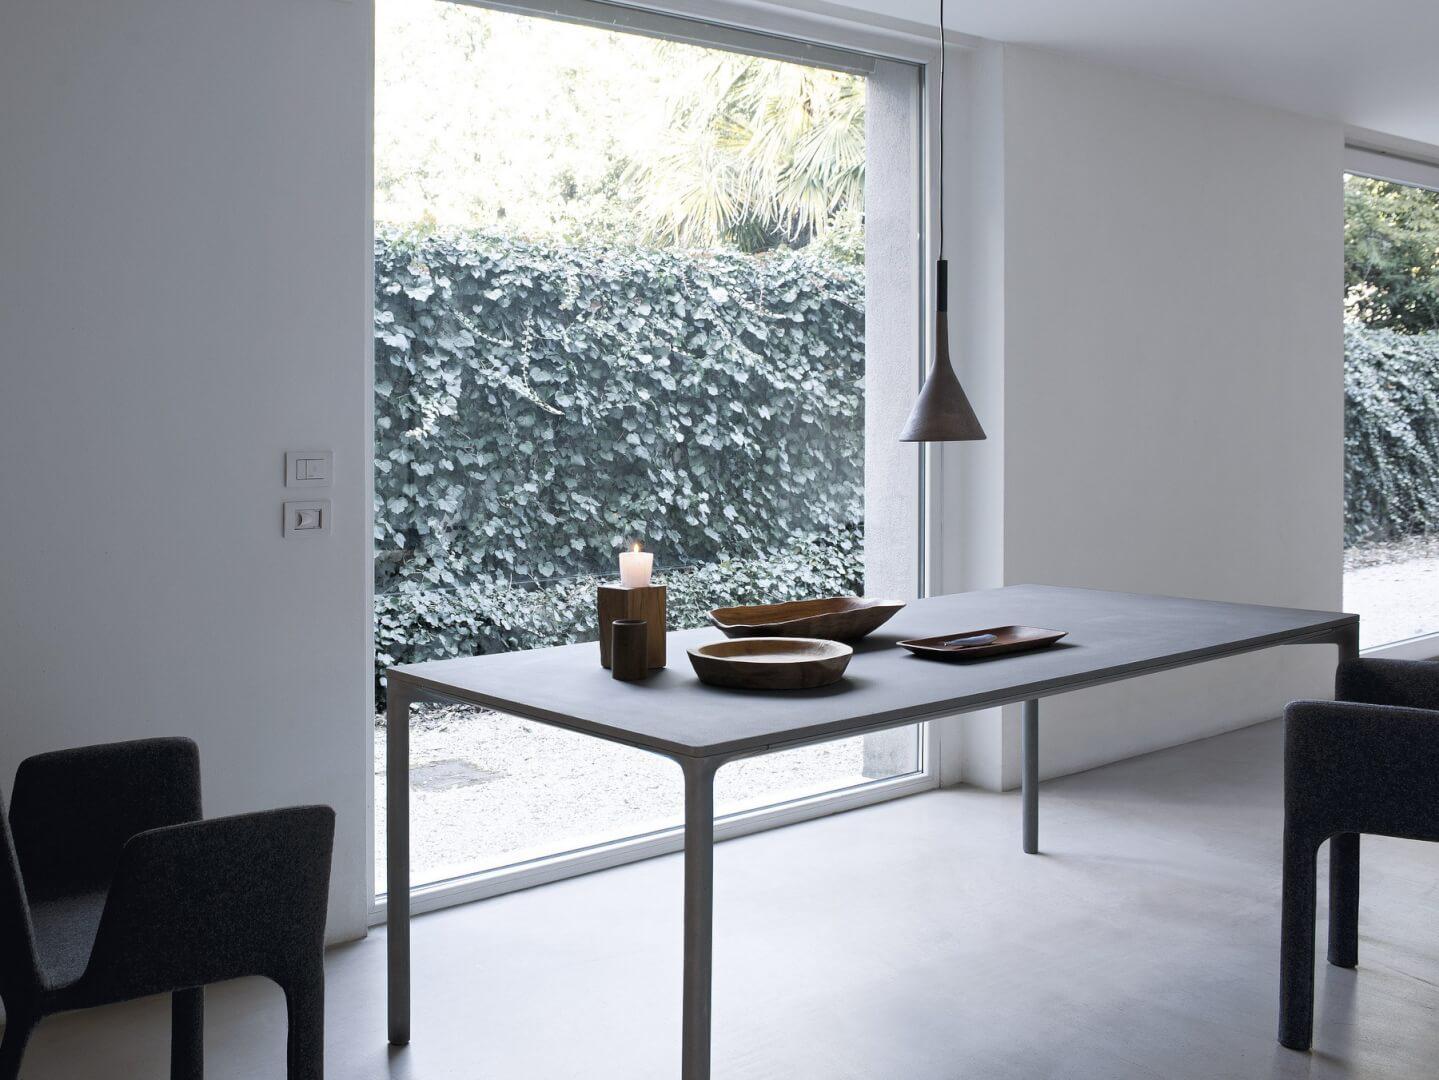 Tavolo Boiacca Kristalia - Devincenti negozio di arredamento e design Brescia